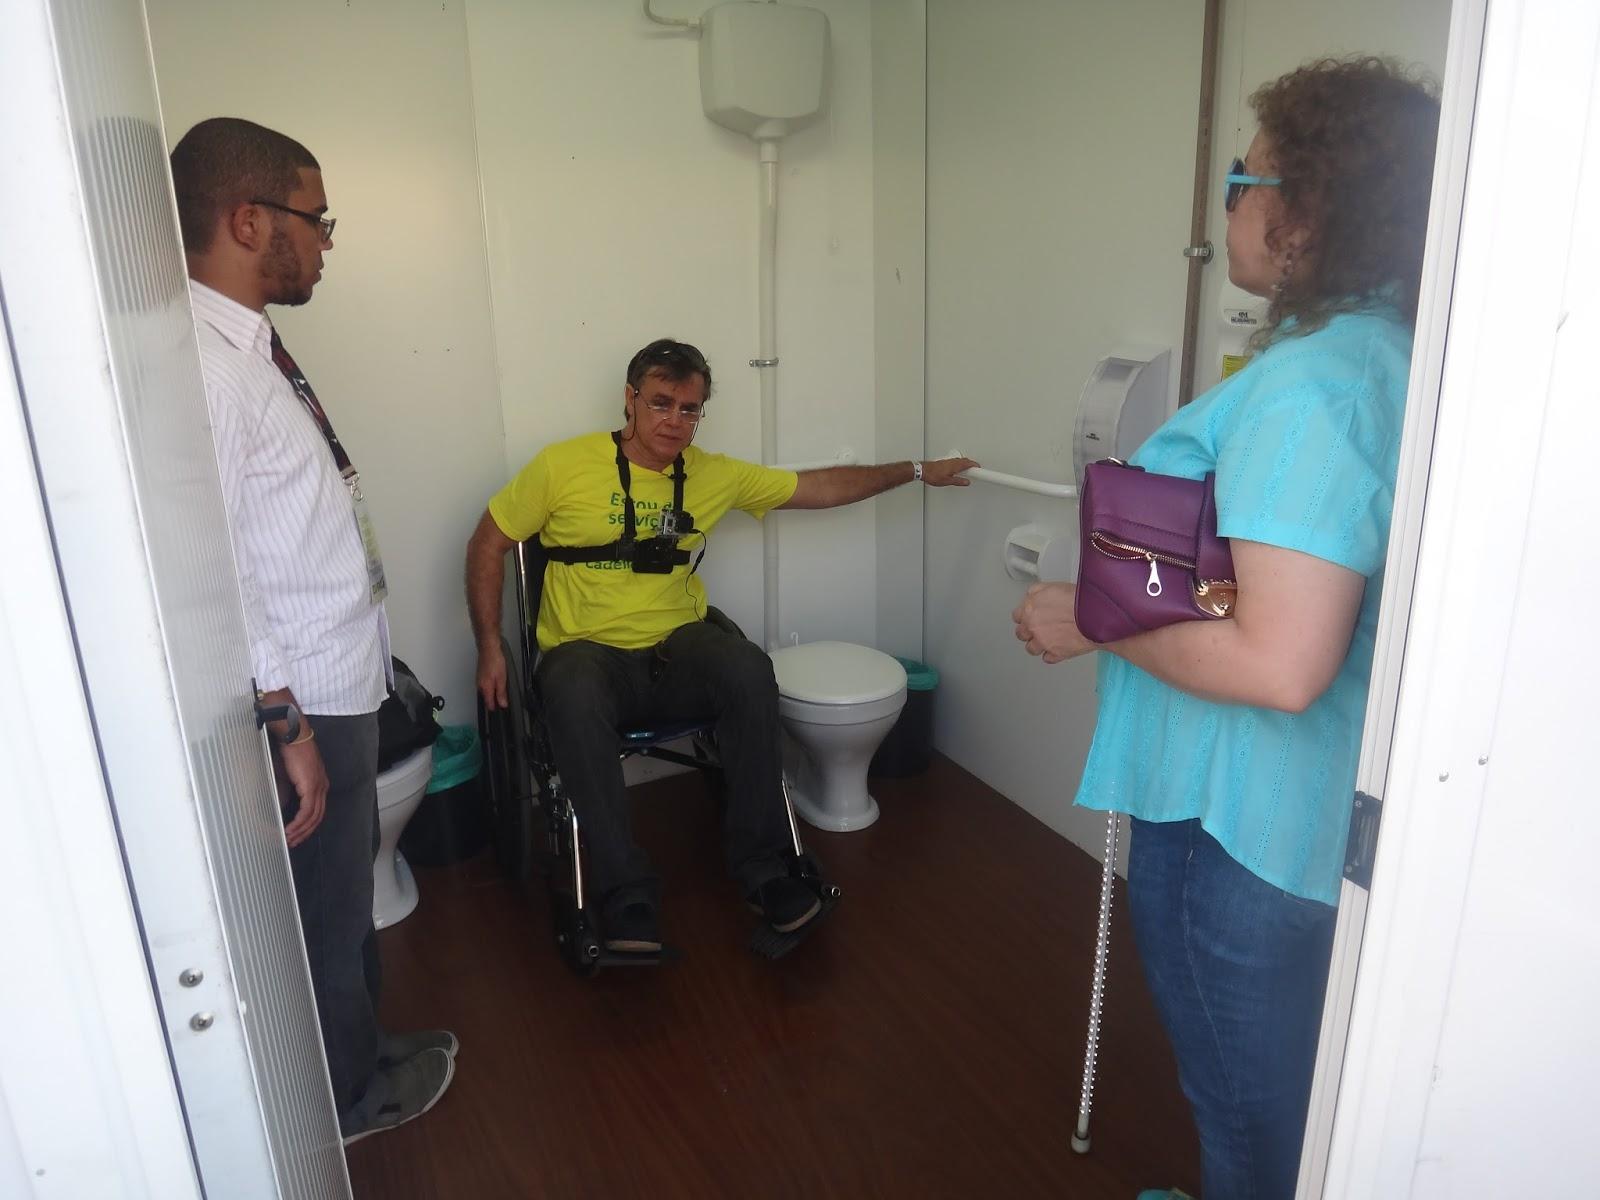 do banheiro acessível ondeas barras de transferência estão boas #30879B 1600x1200 Banheiro Acessivel Tamanho